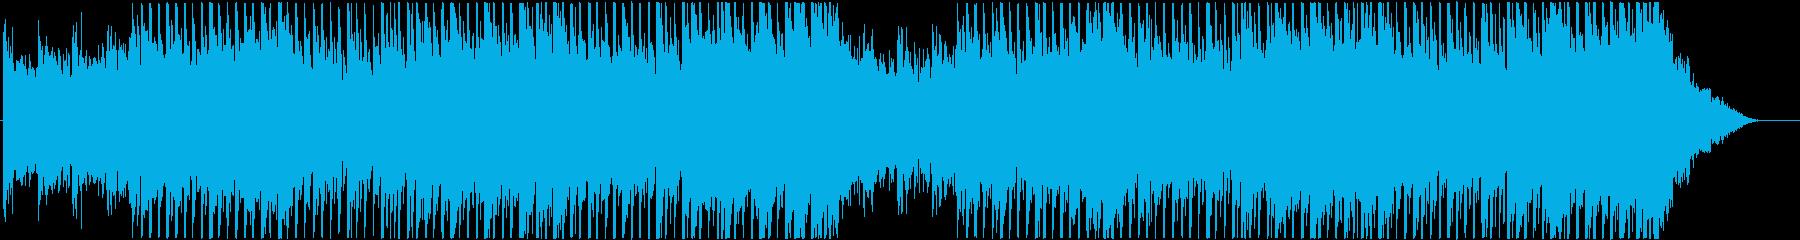 爽やかで前向きなイメージのEDM♪の再生済みの波形